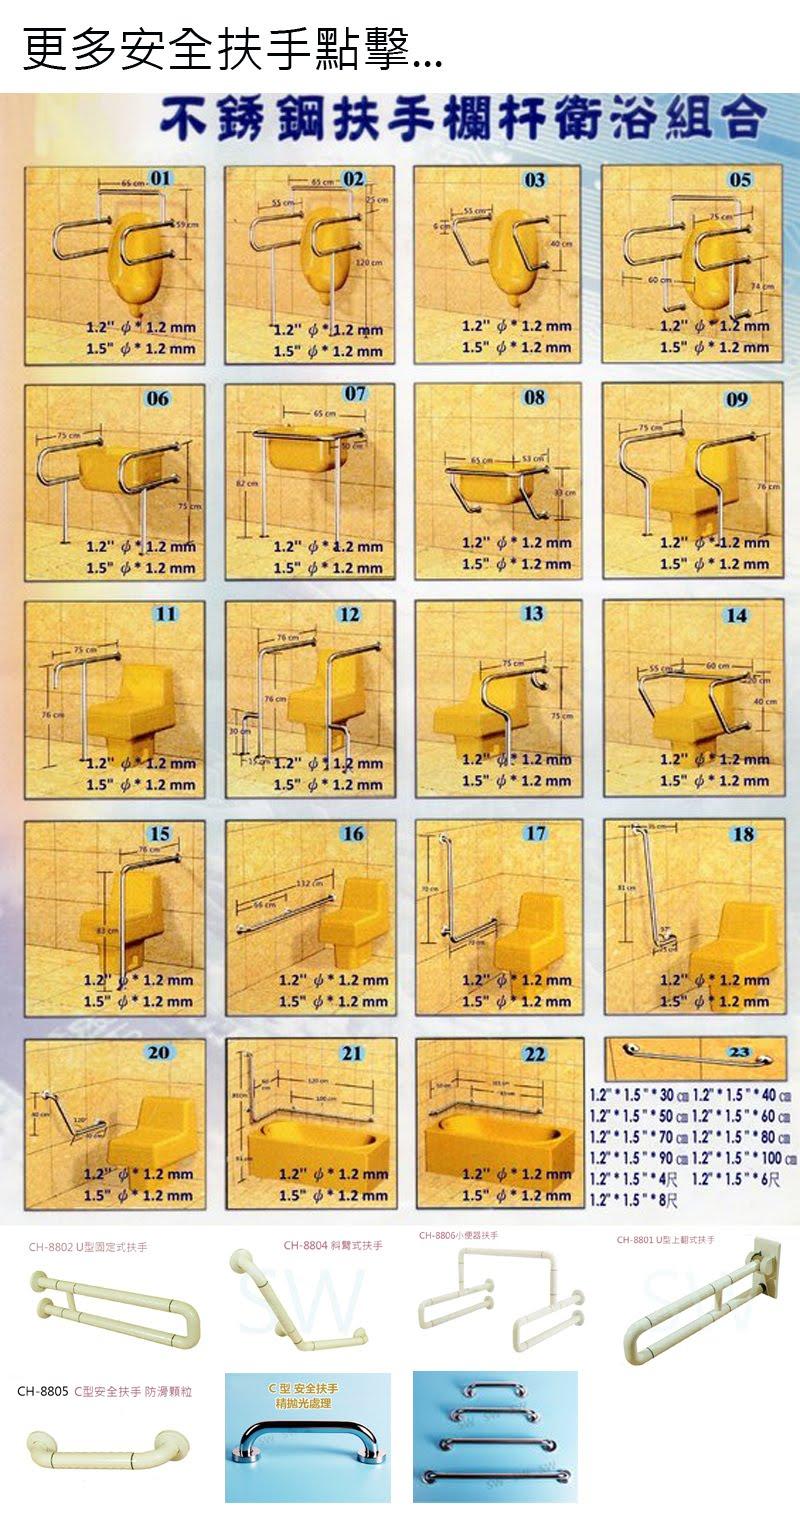 IA033扶手 60cm不銹鋼拋光亮面 安全扶手 C型扶手 浴室扶手 廁所扶手 浴缸扶手防滑扶手老人小孩浴室配件居家安全